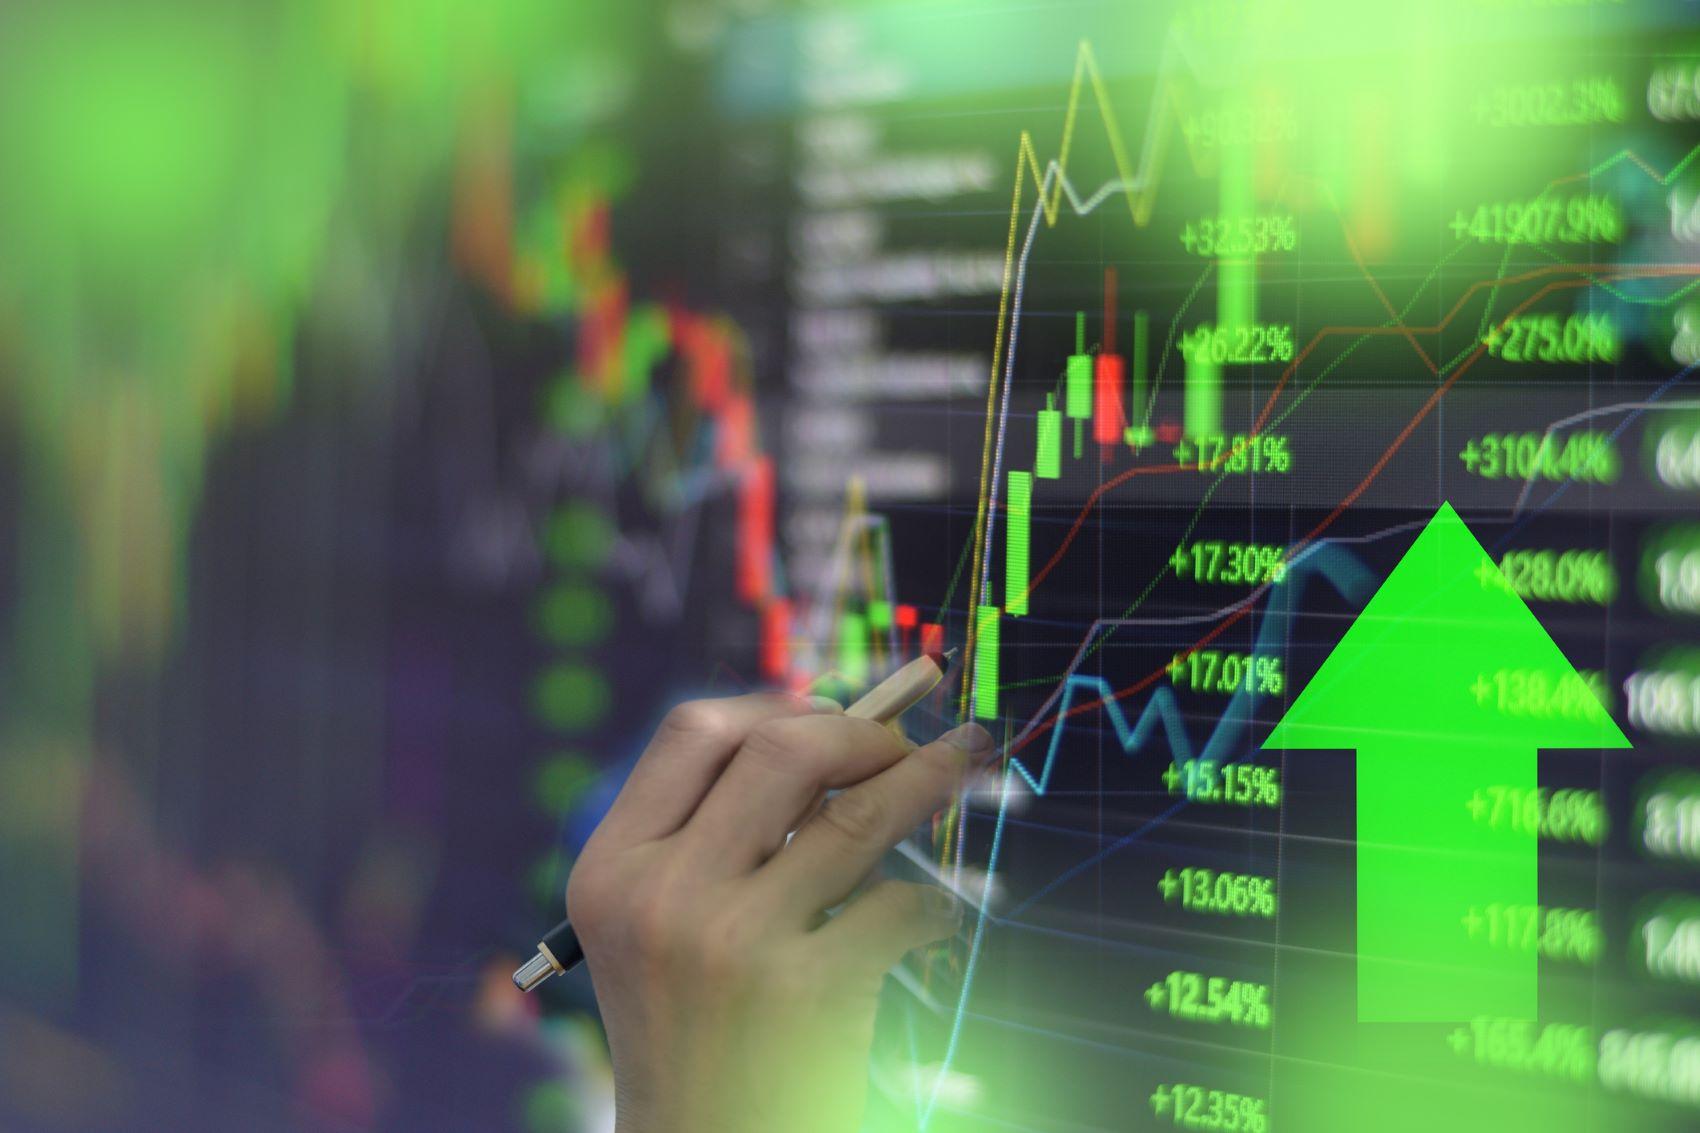 Ibovespa fecha em alta de 2,2%, acima dos 109 mil pontos puxado por Petrobras, Vale e bancos; dólar cai a R$ 5,37